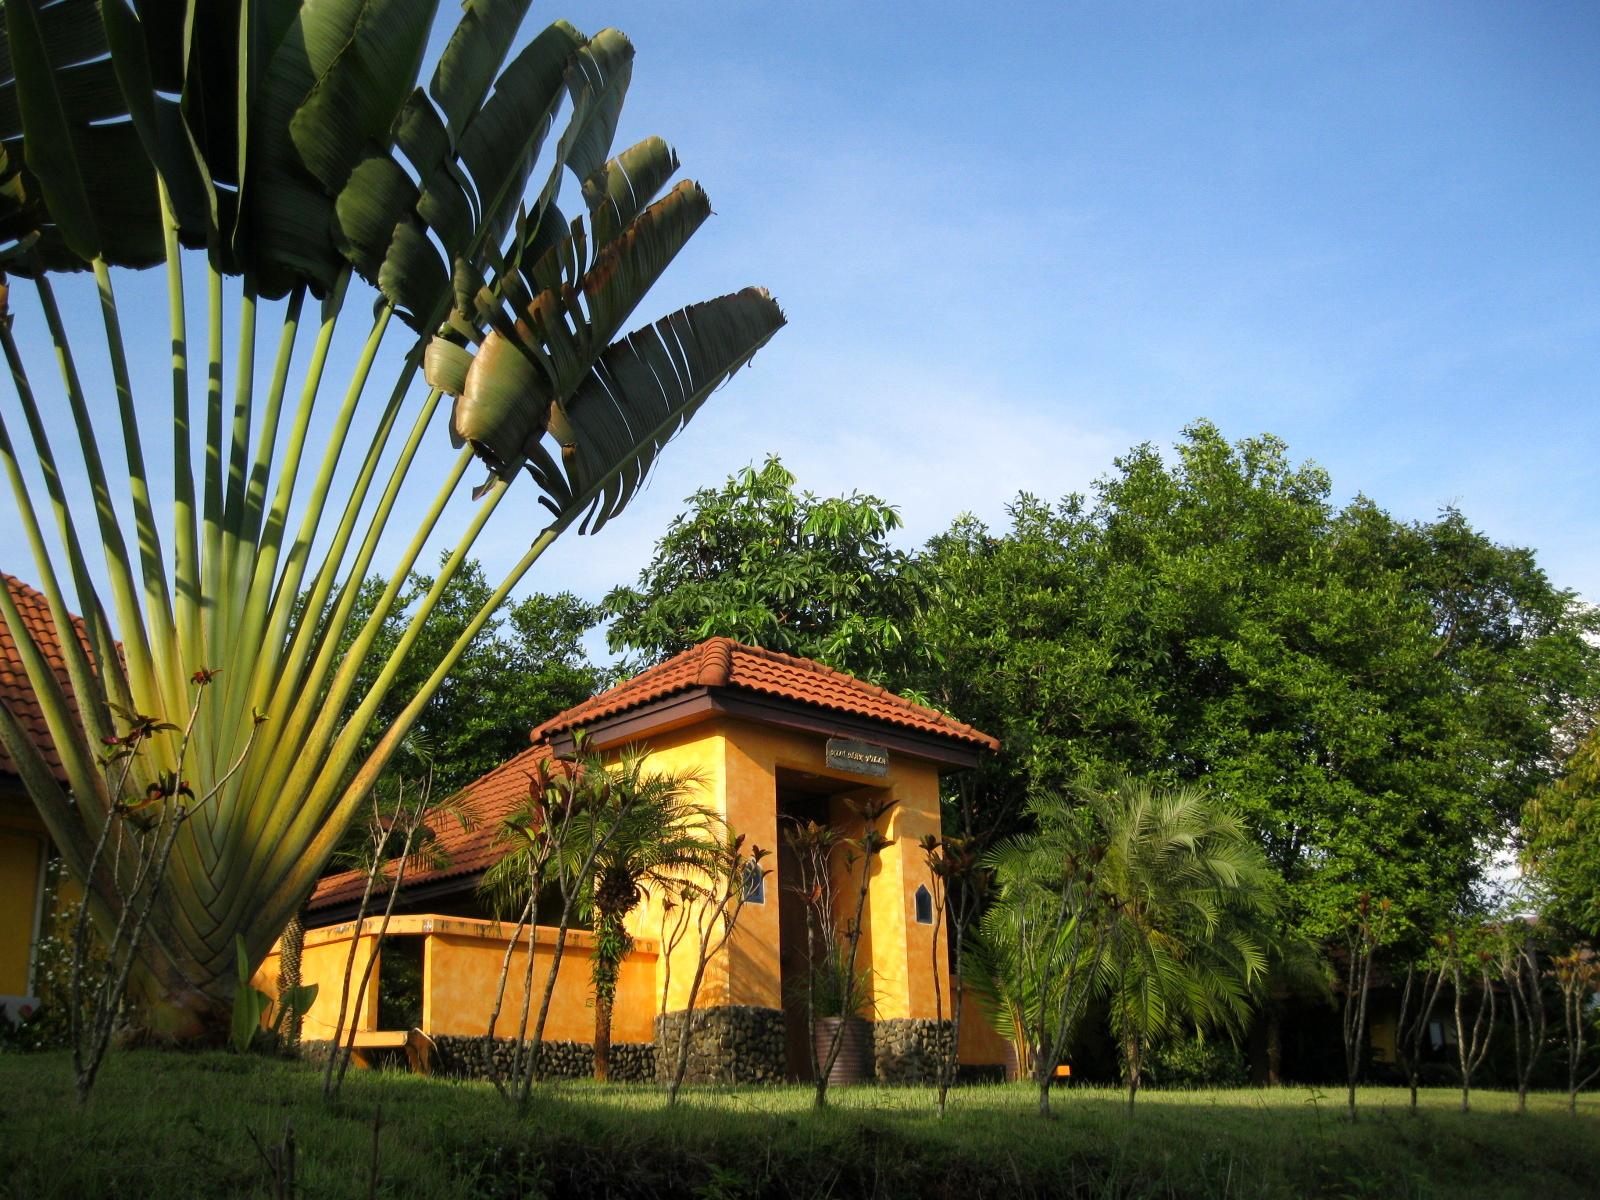 منتجع ثيداهو فيستا Thaidaho Vista Resort